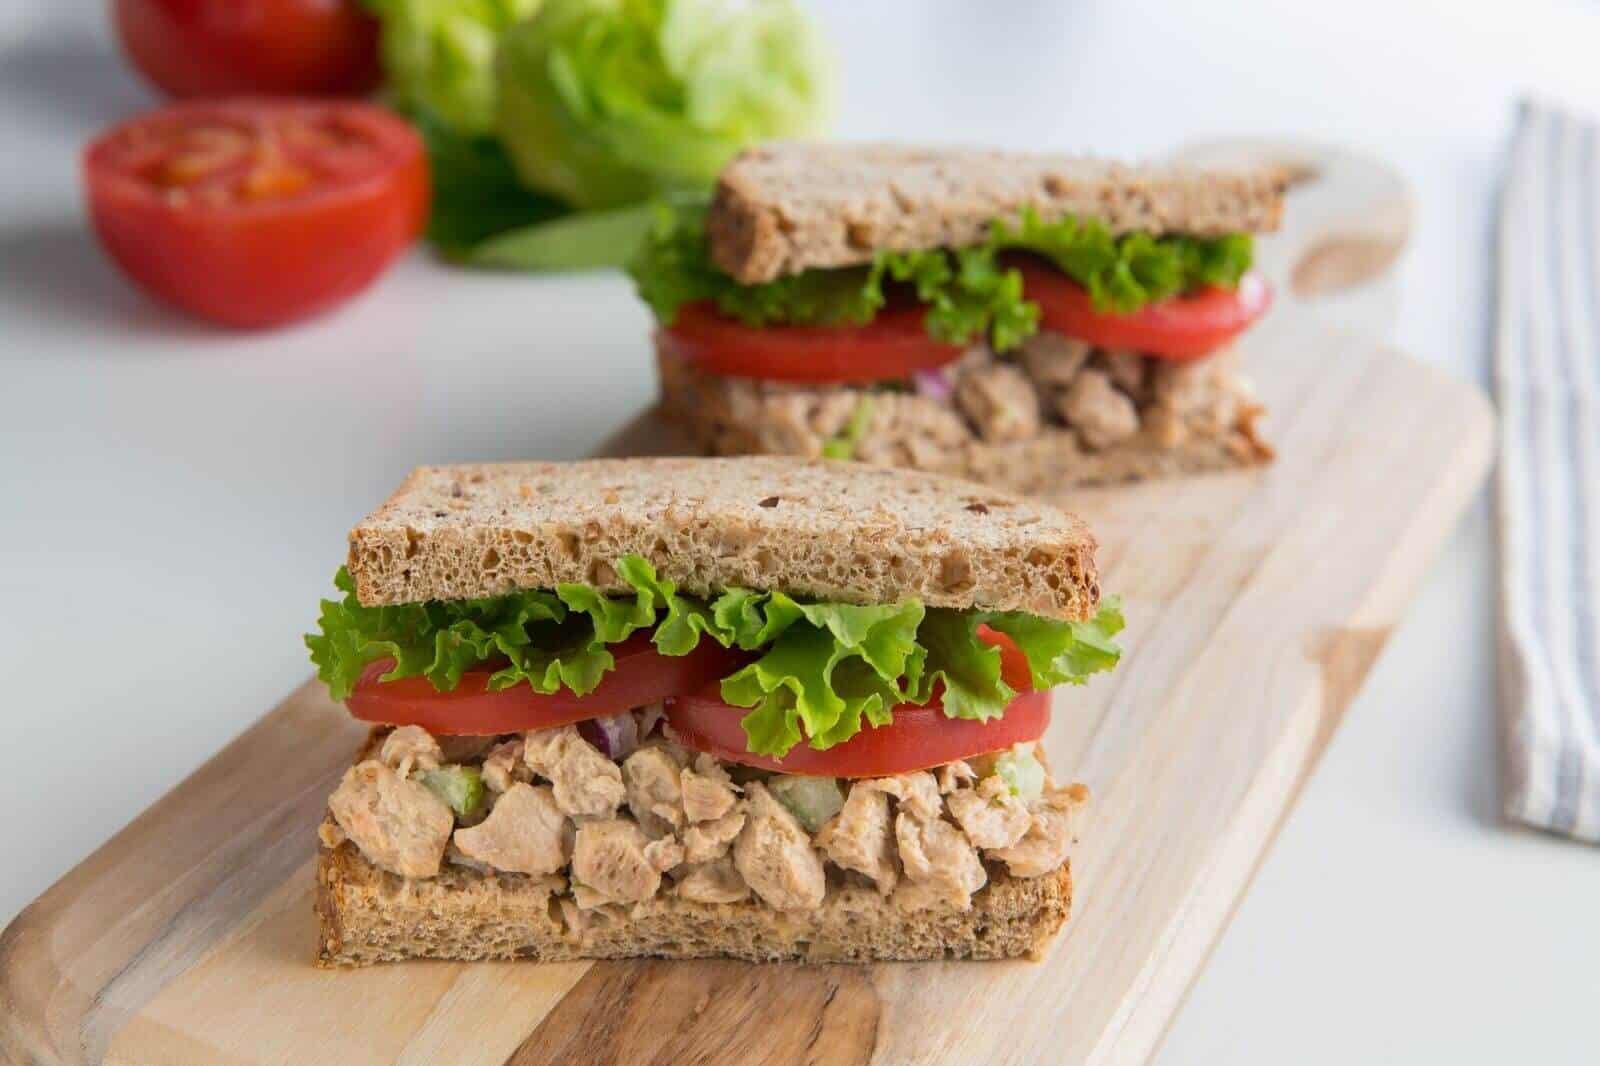 Loma Linda TUNO Sandwich